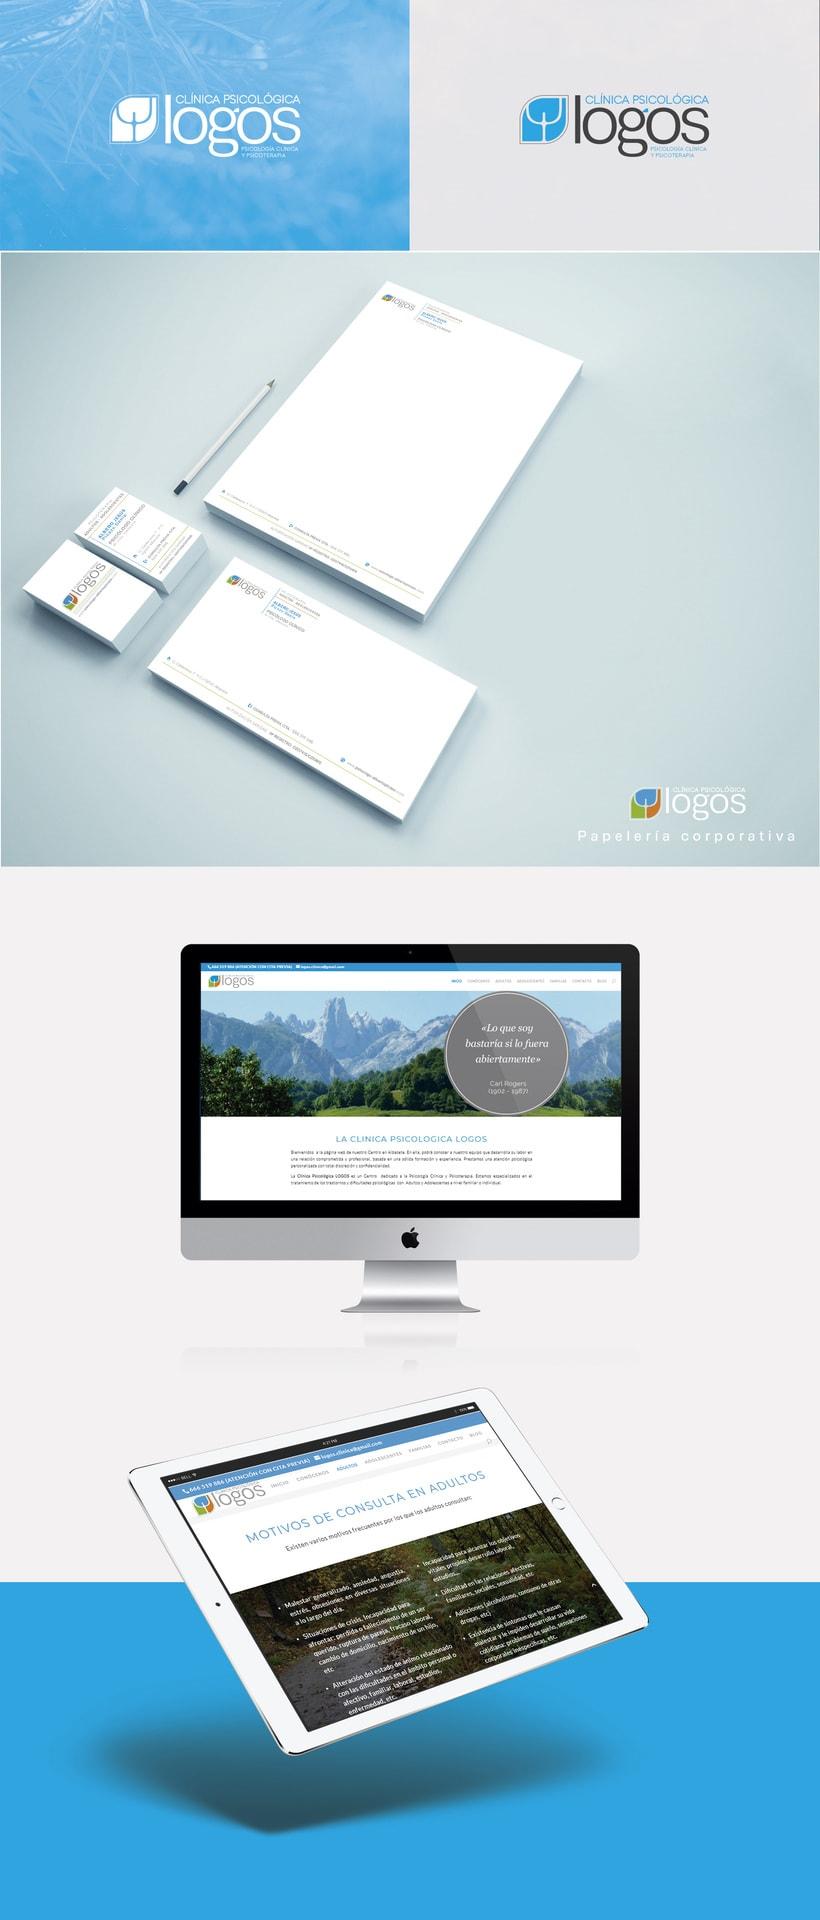 Diseño identidad corporativa · Diseño y desarrollo web Wordpress Clínica Logos Albacete 0